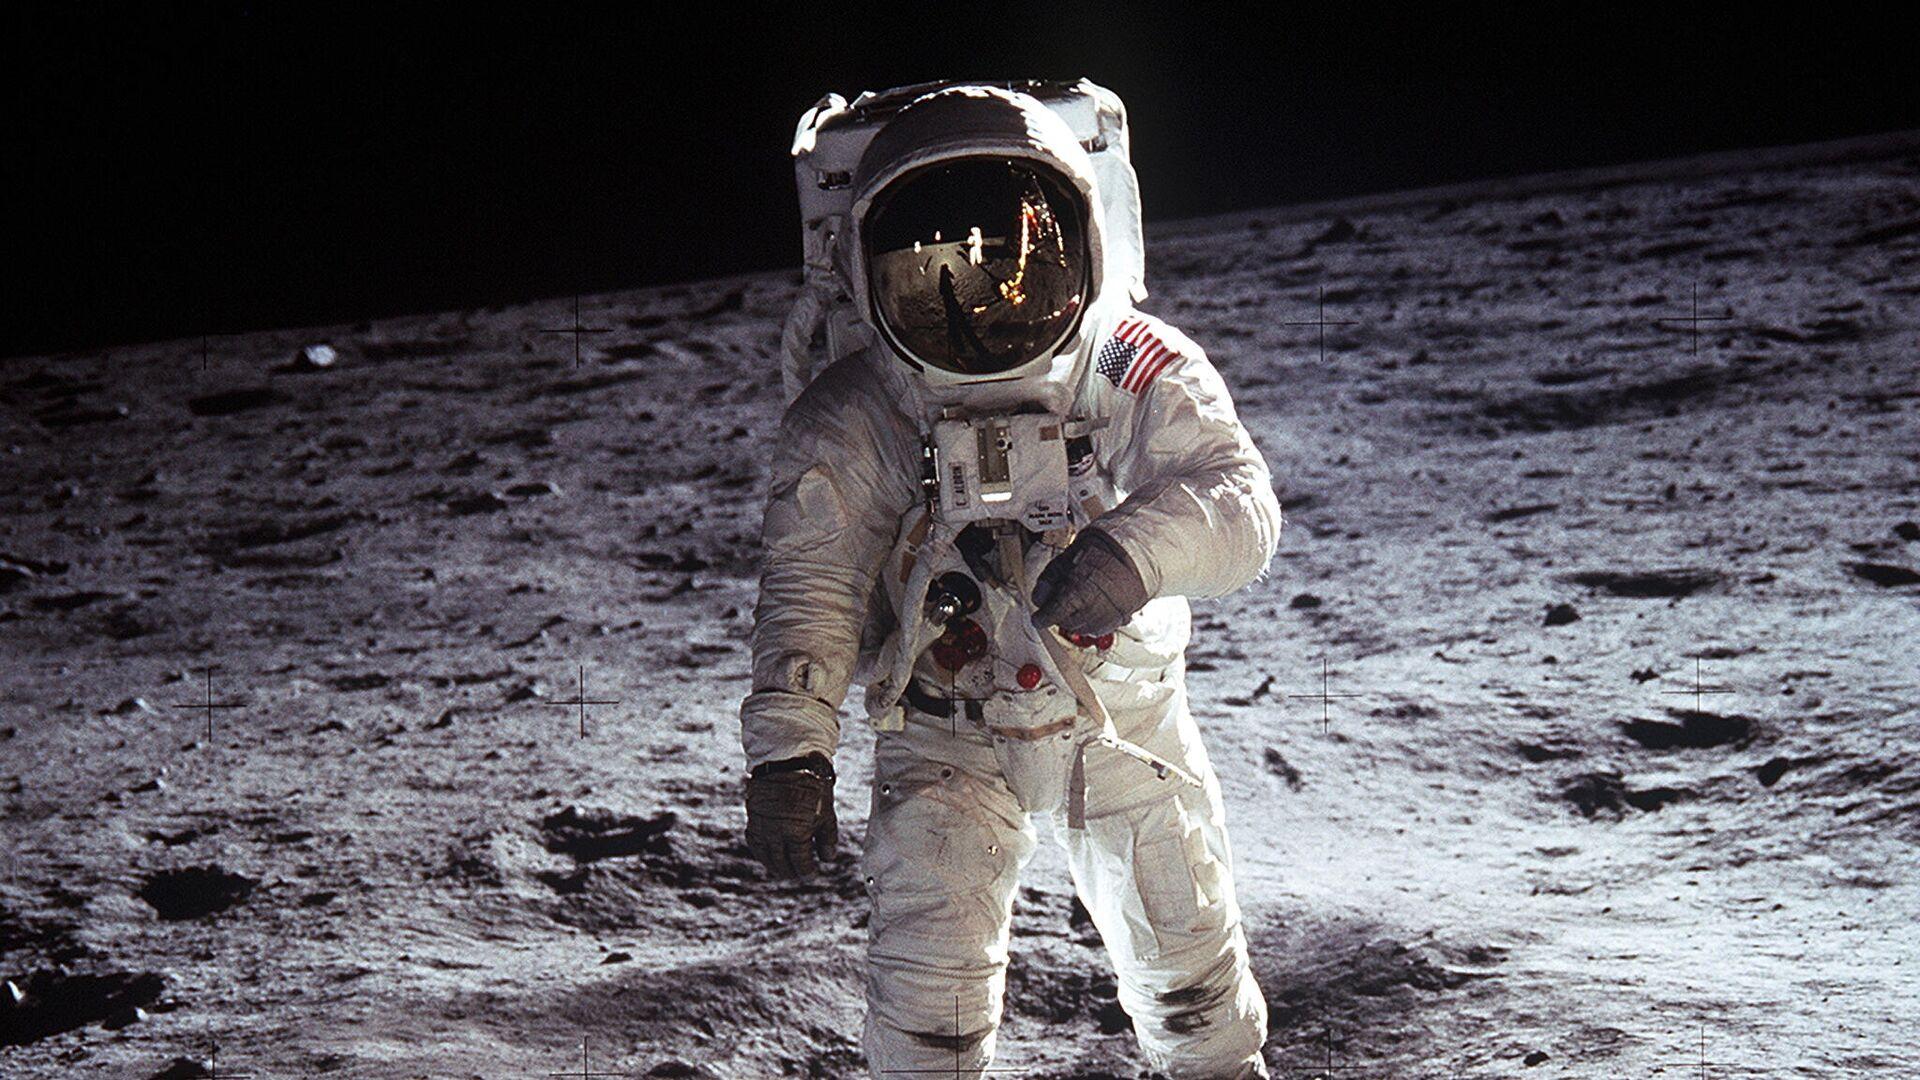 La icónica foto del Buzz Aldrin en la Luna en 1969 - Sputnik Mundo, 1920, 24.07.2021